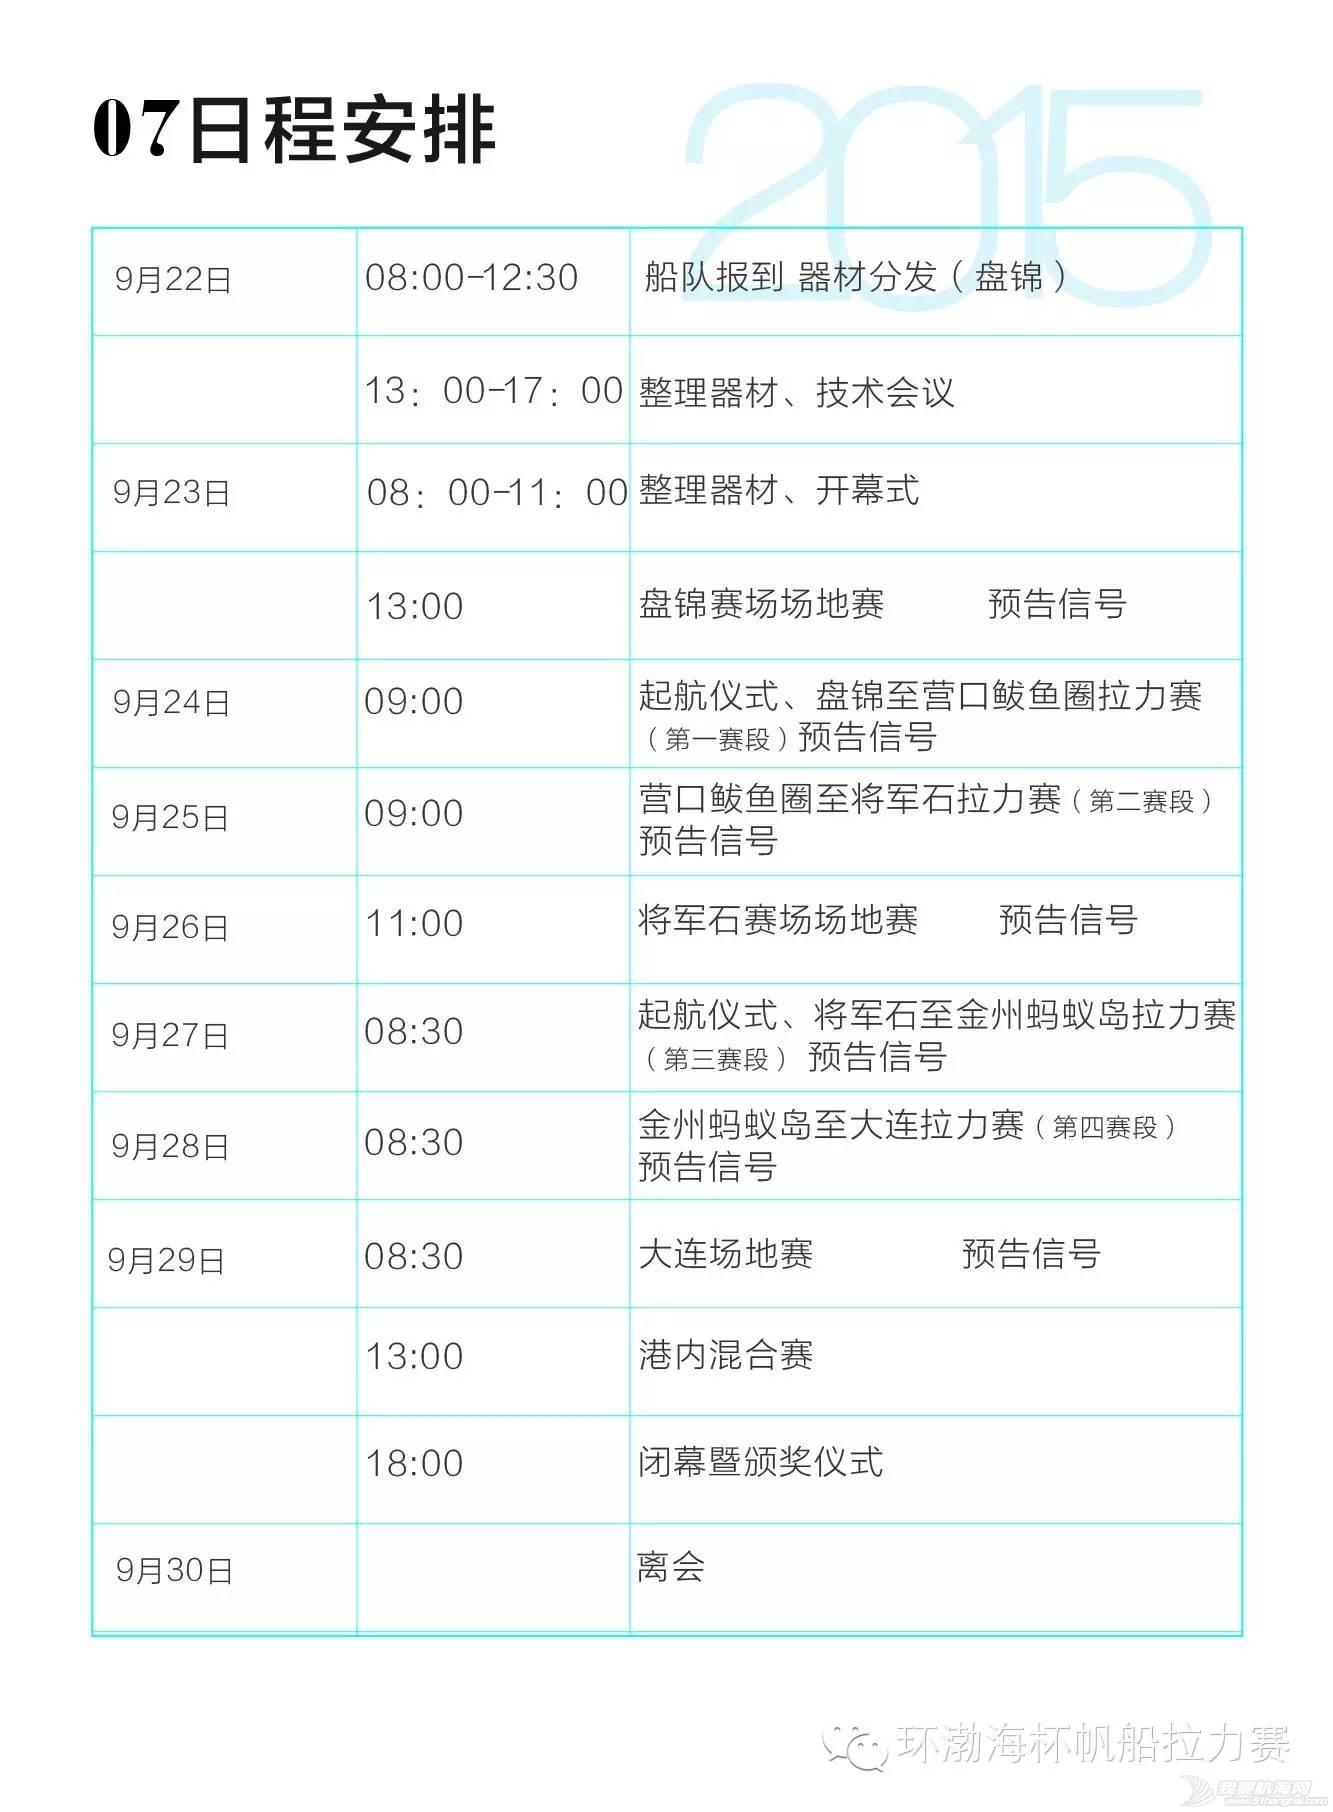 拉力赛,中国,渤海,帆船 2015中国环渤海帆船拉力赛竞赛通知 e0d76b17348c11c74e65c03ab2be47b0.jpg